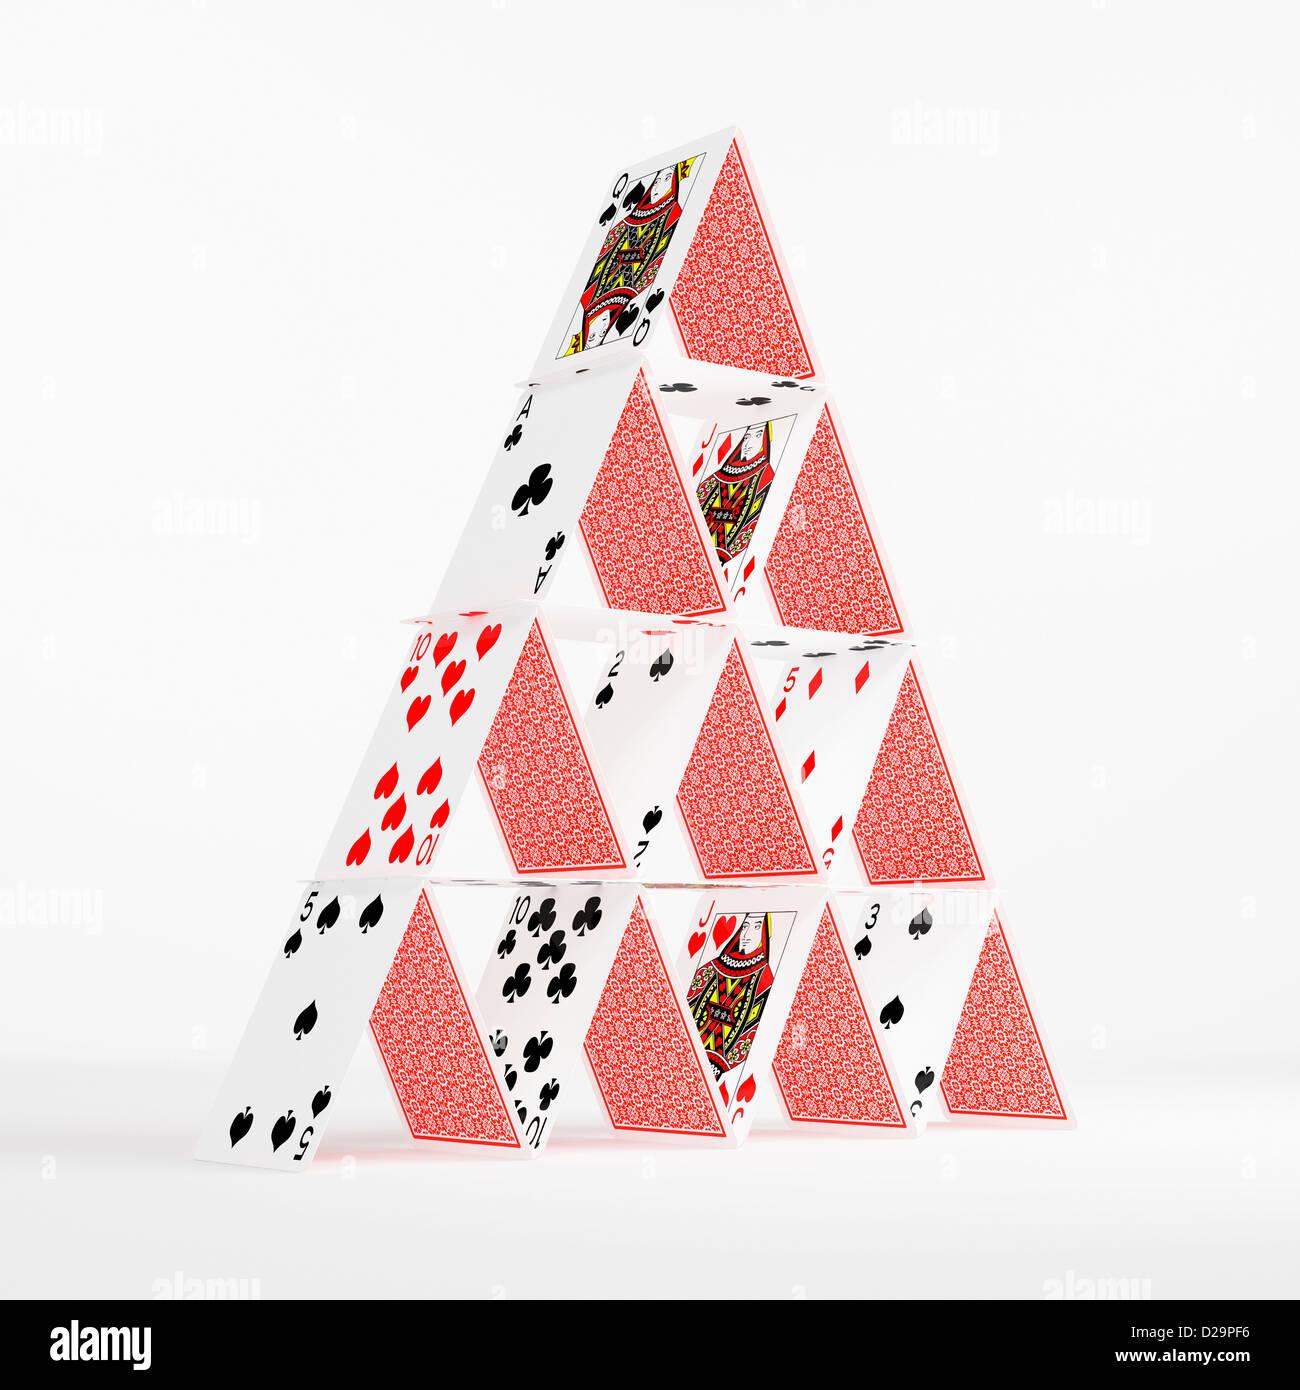 Château de cartes pyramid Photo Stock